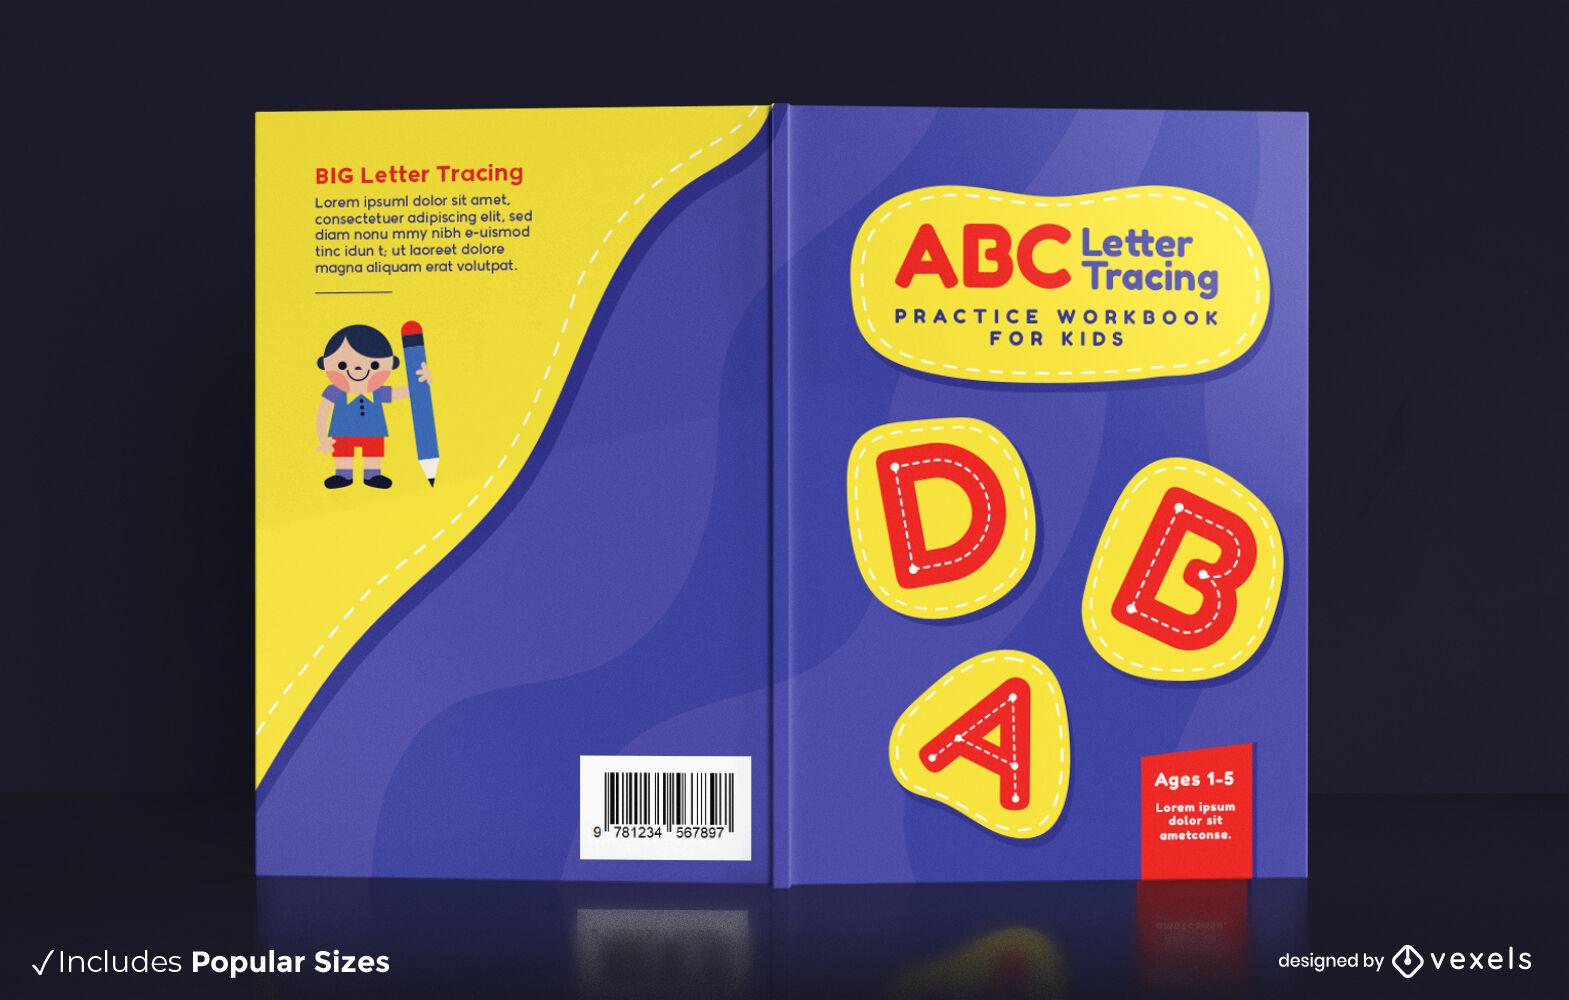 Carta ABC traçando o desenho da capa de um livro infantil